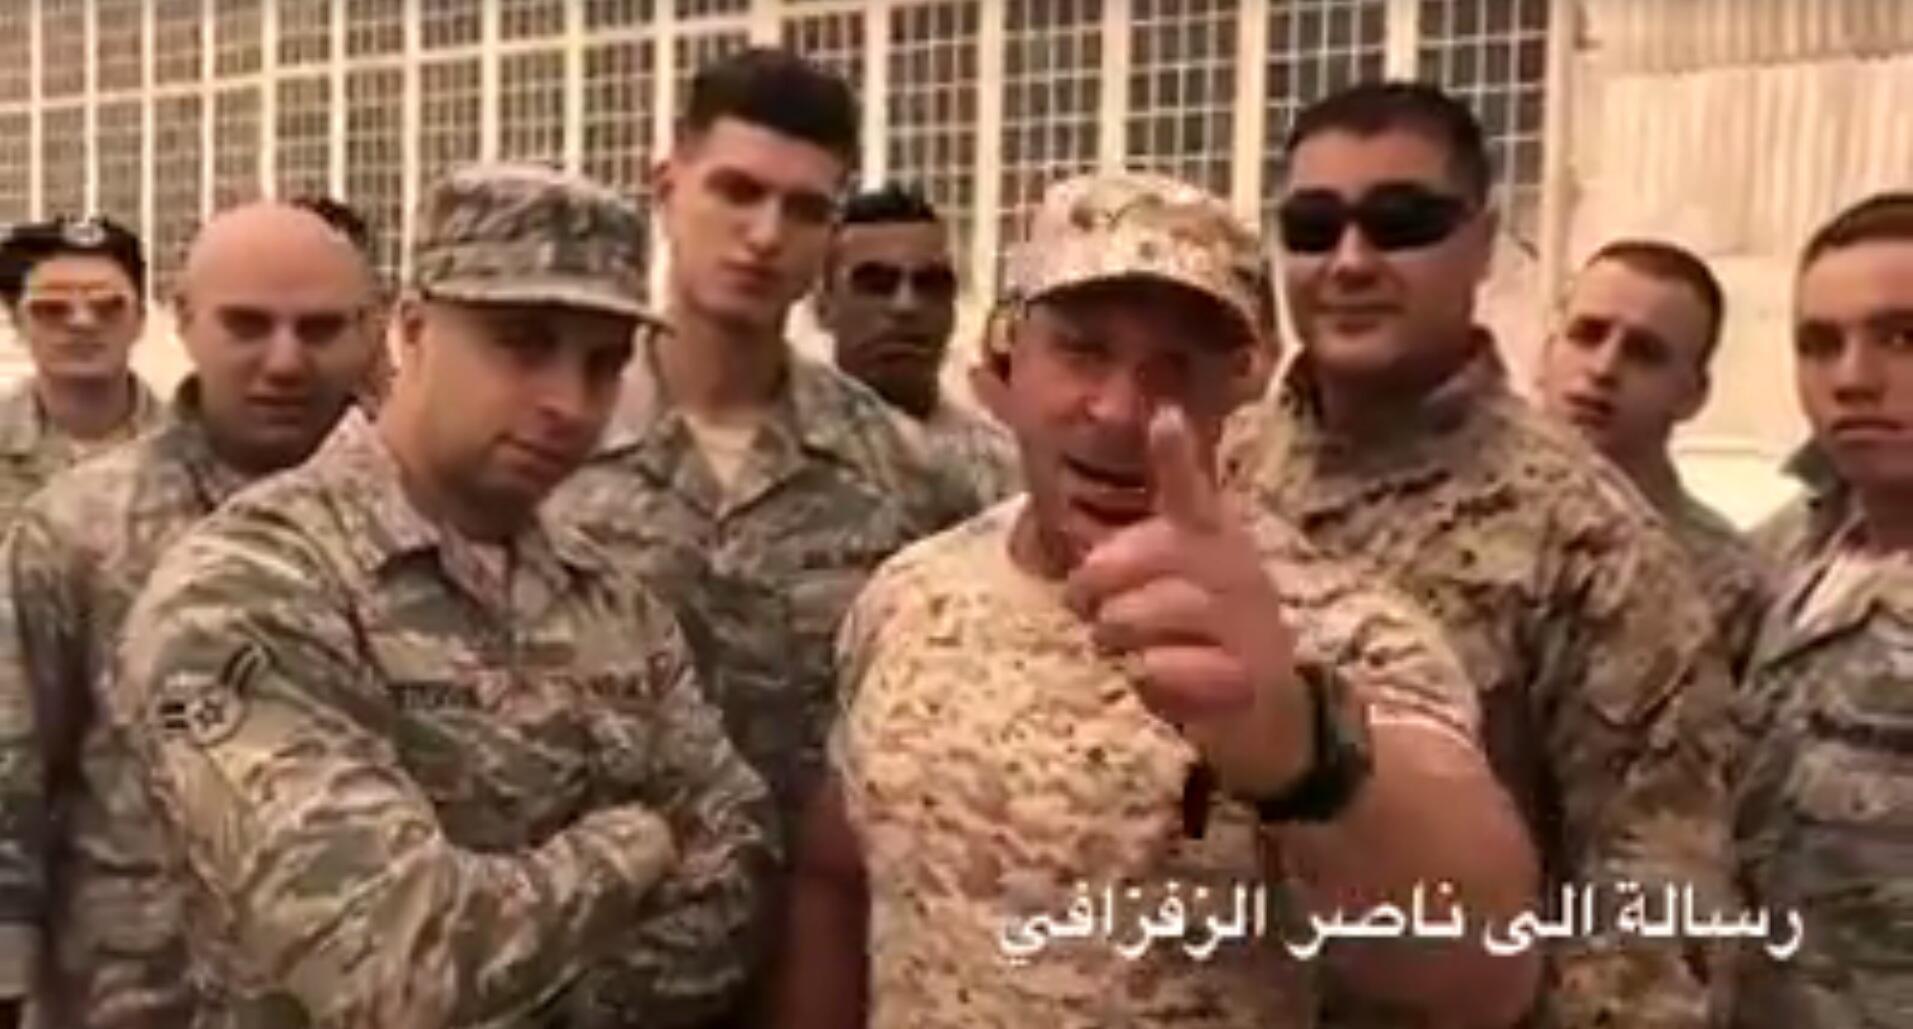 Une vidéo montrant des individus en tenues militaires menacer les manifestants du Rif a été relayée par de nombreux médias marocains comme une menace de marines américains... il s'agissait en fait d'une parodie qui a mal tourné.